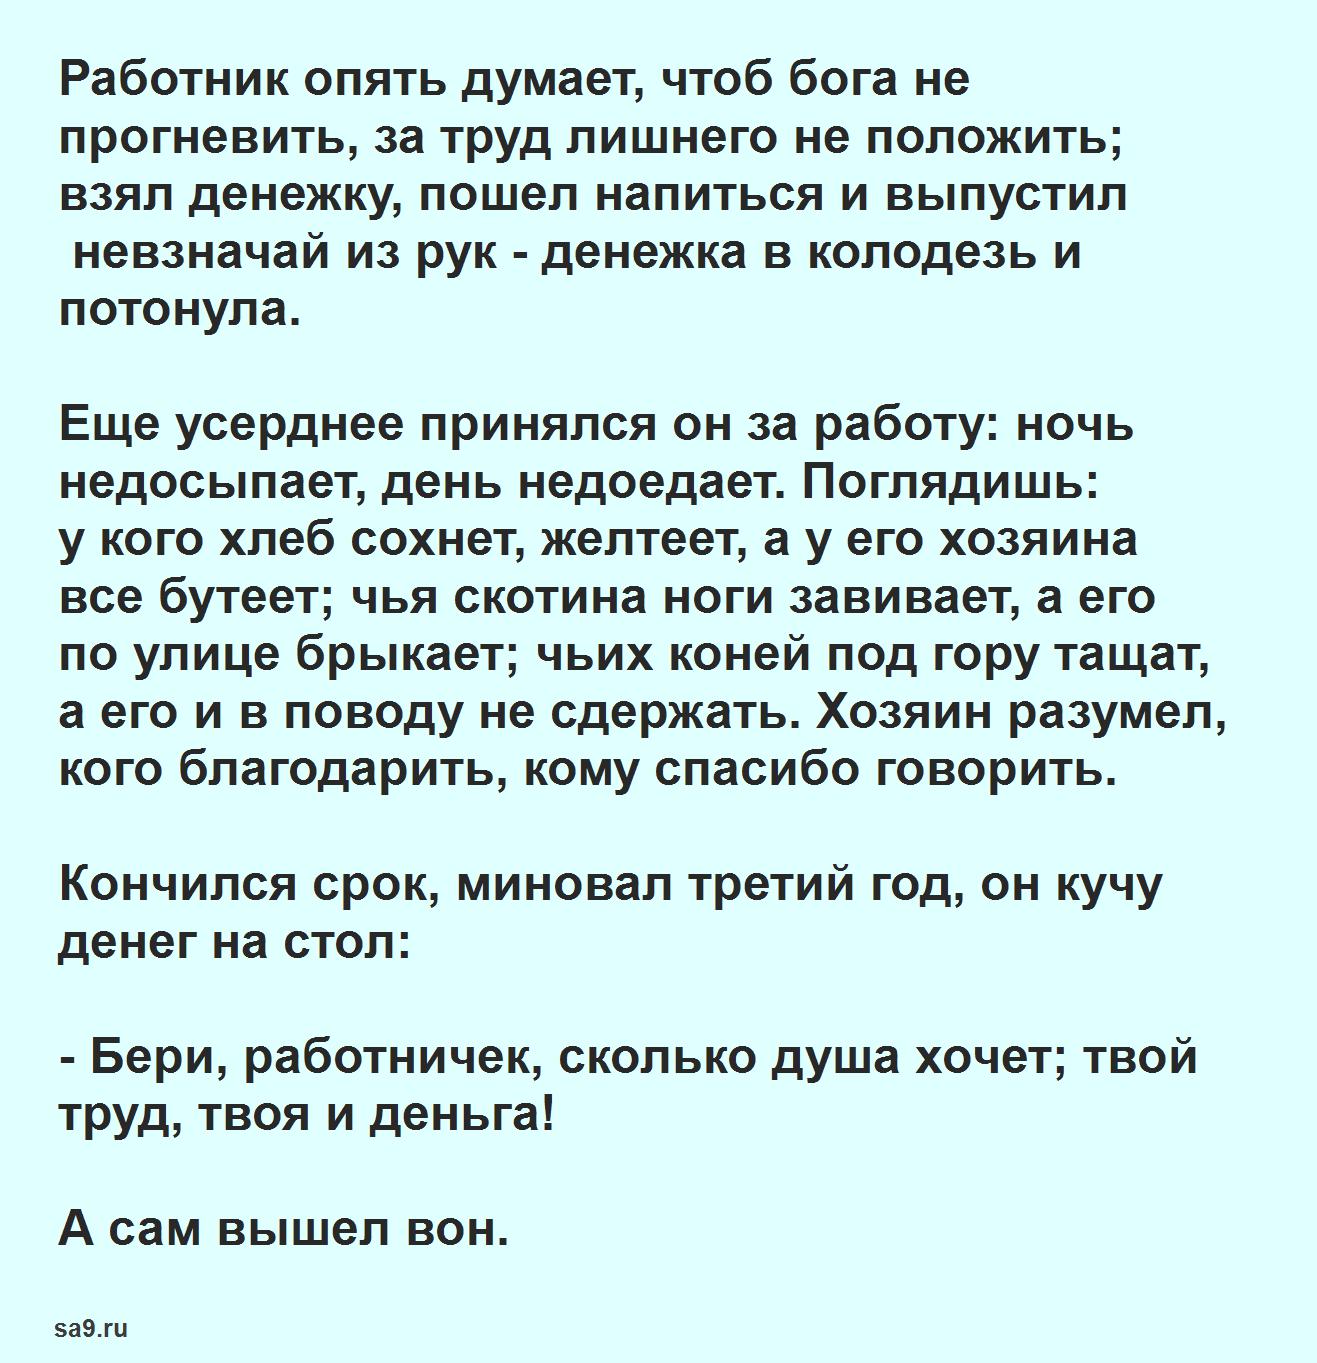 Царевна-Несмеяна - русская народная сказка, читать полностью